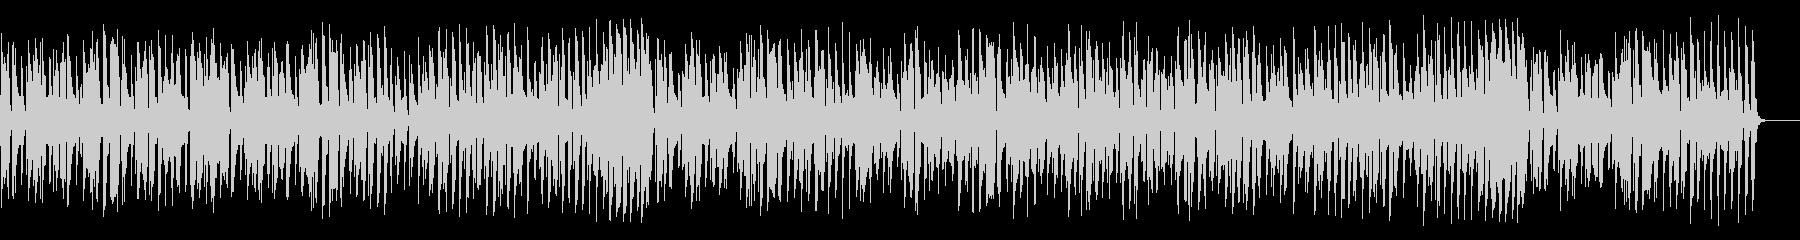 アコーディオンが陽気なジャズの未再生の波形